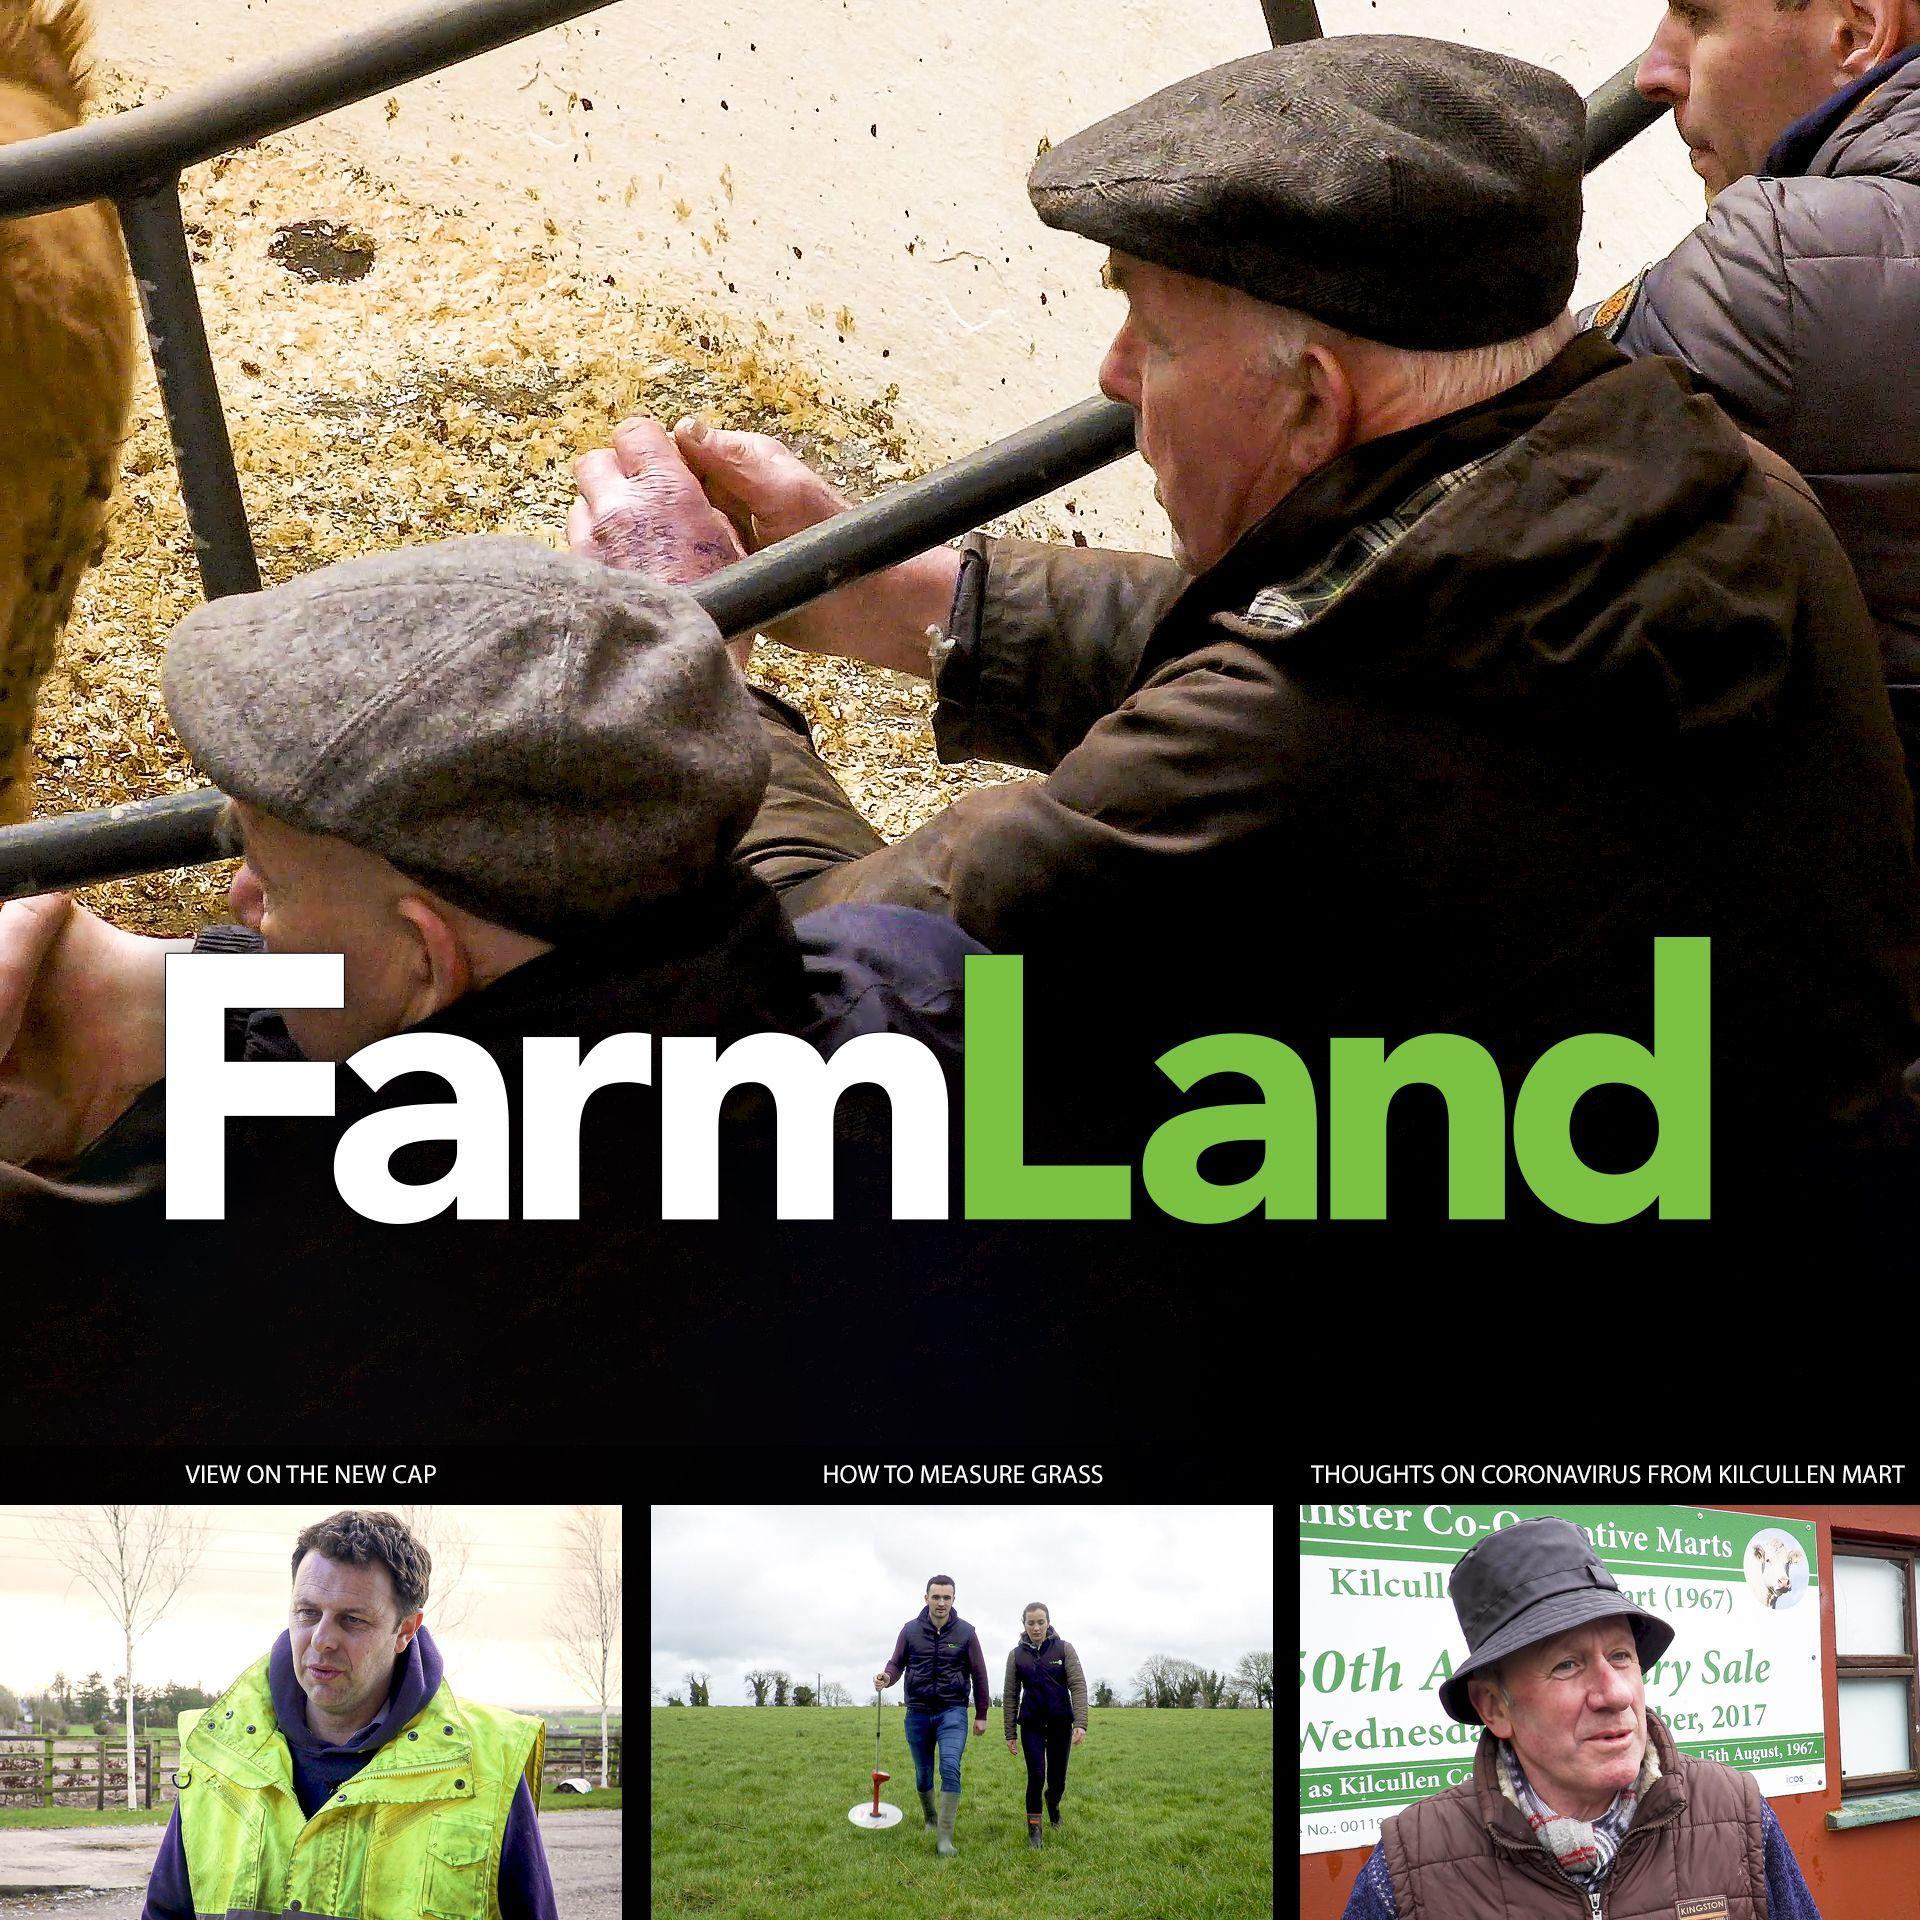 FarmLand: 12th March 2020